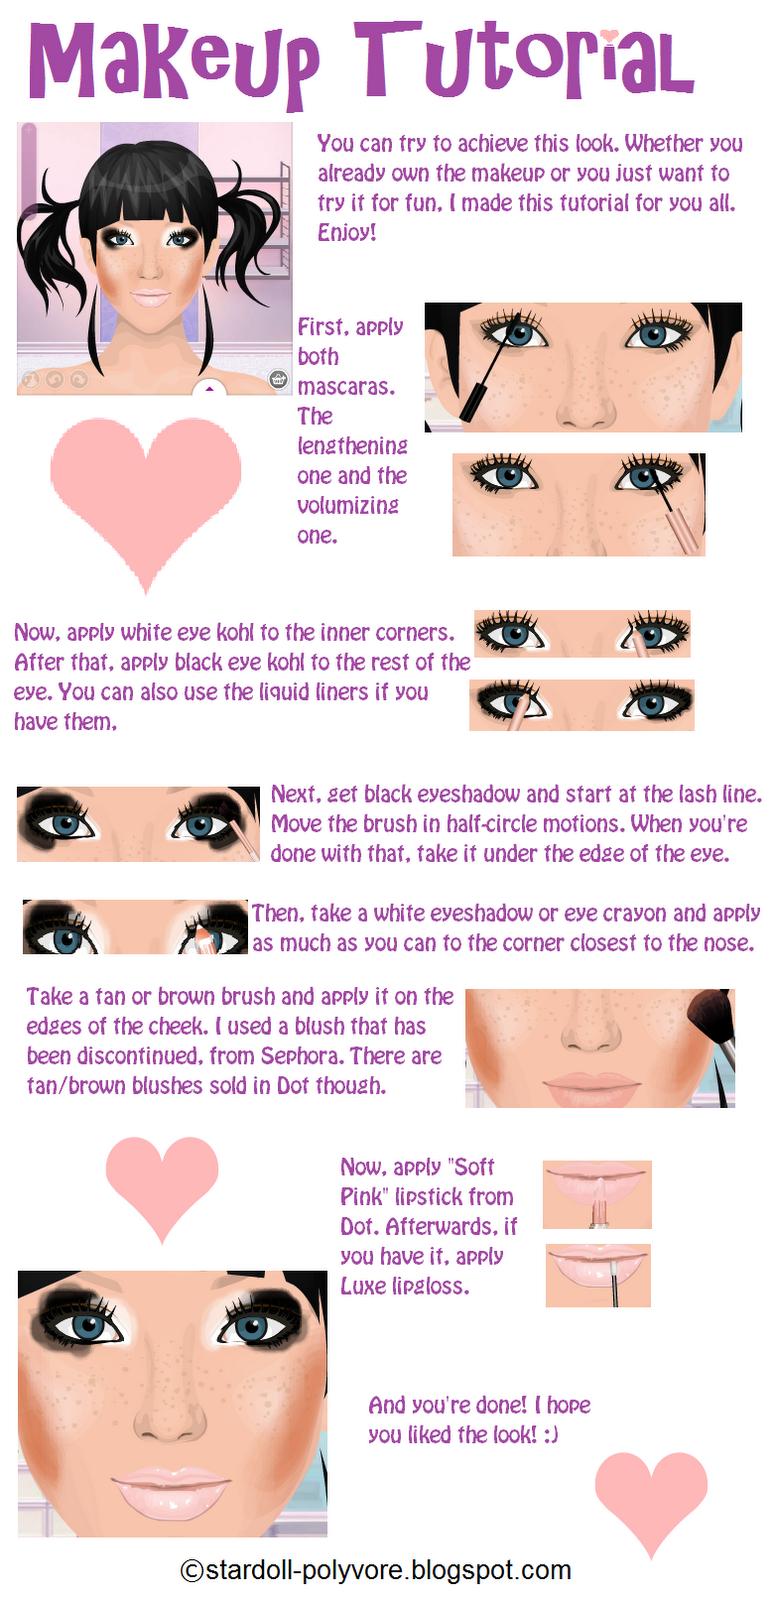 to do a Makeup Tutorial